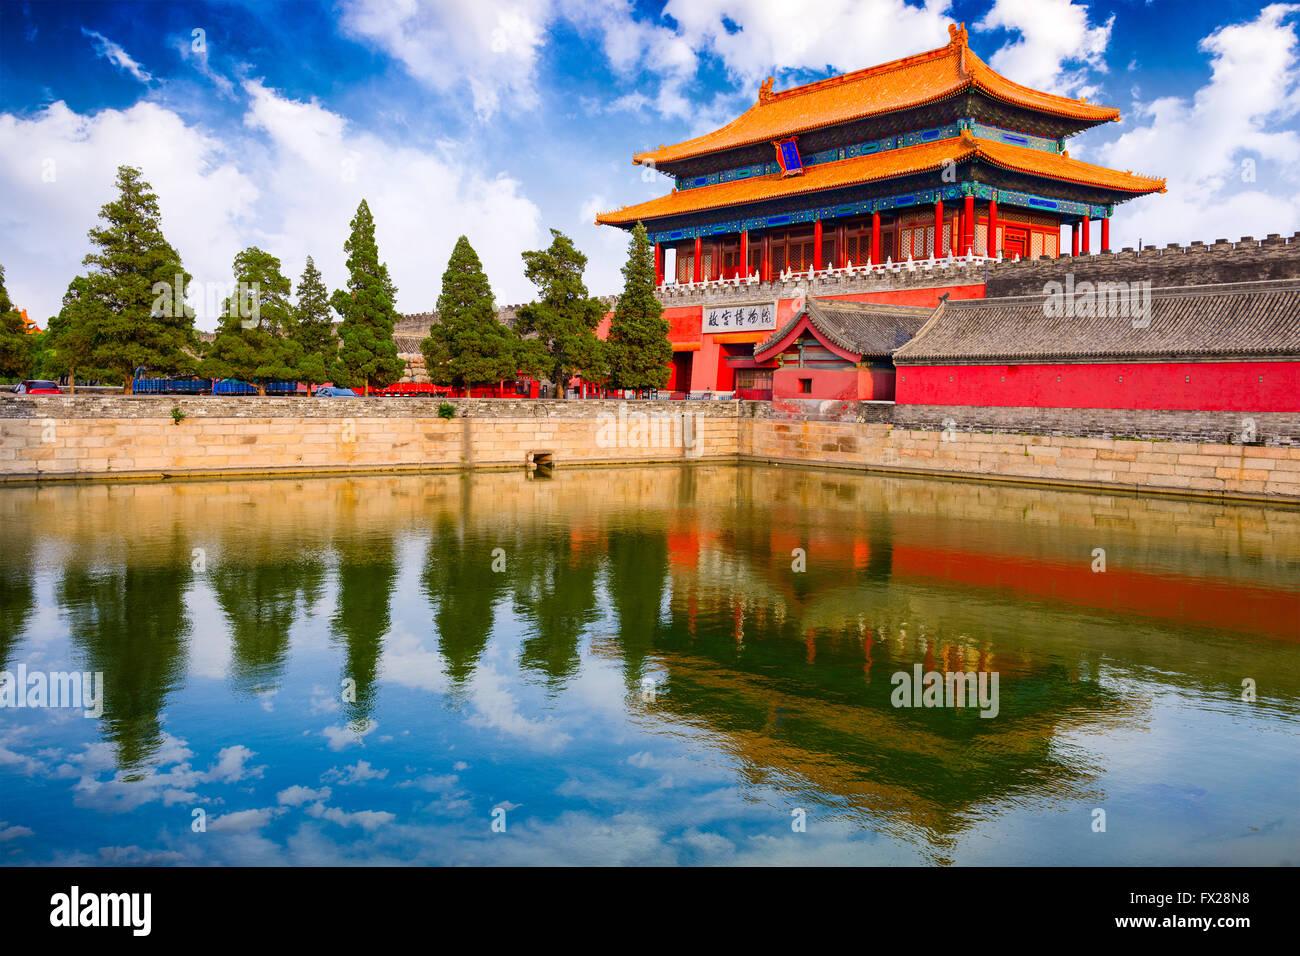 Pechino, Cina presso la porta settentrionale della Città Proibita. Foto Stock